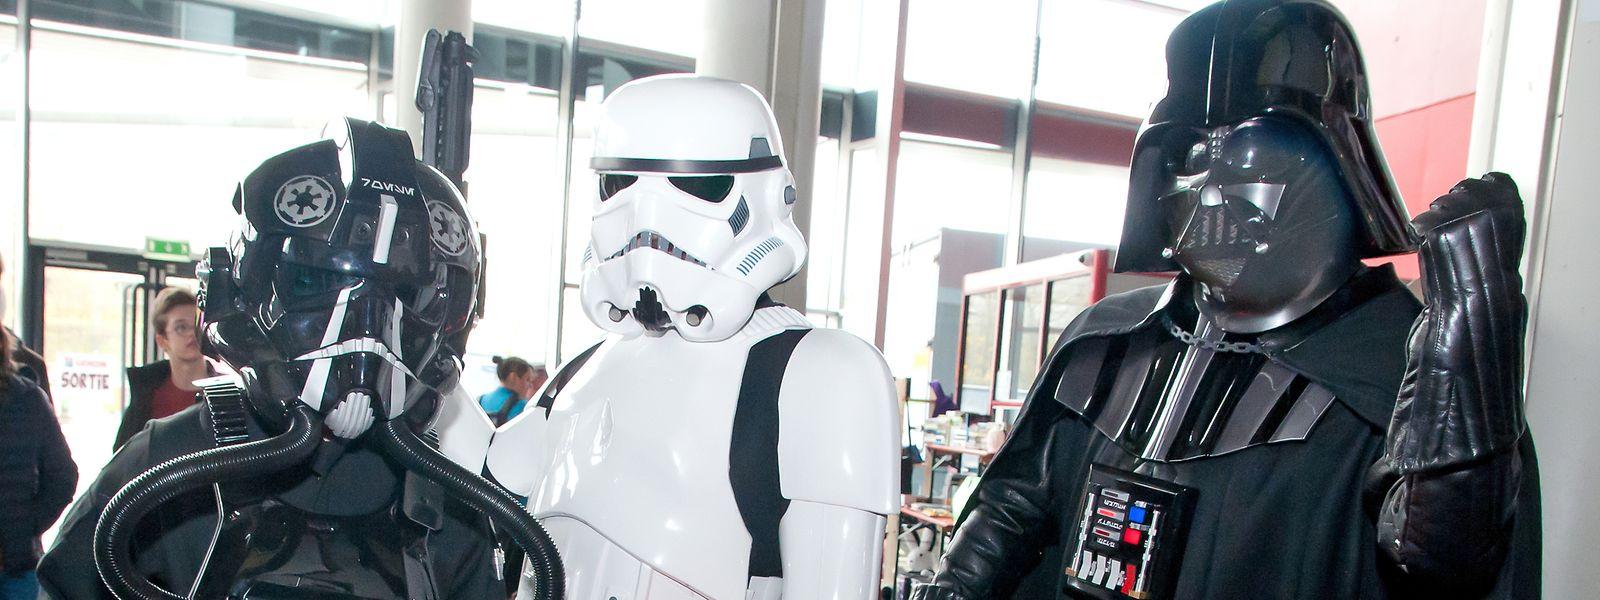 Darth Vader und Co wussten Star-Wars-Fans zu begeistern.